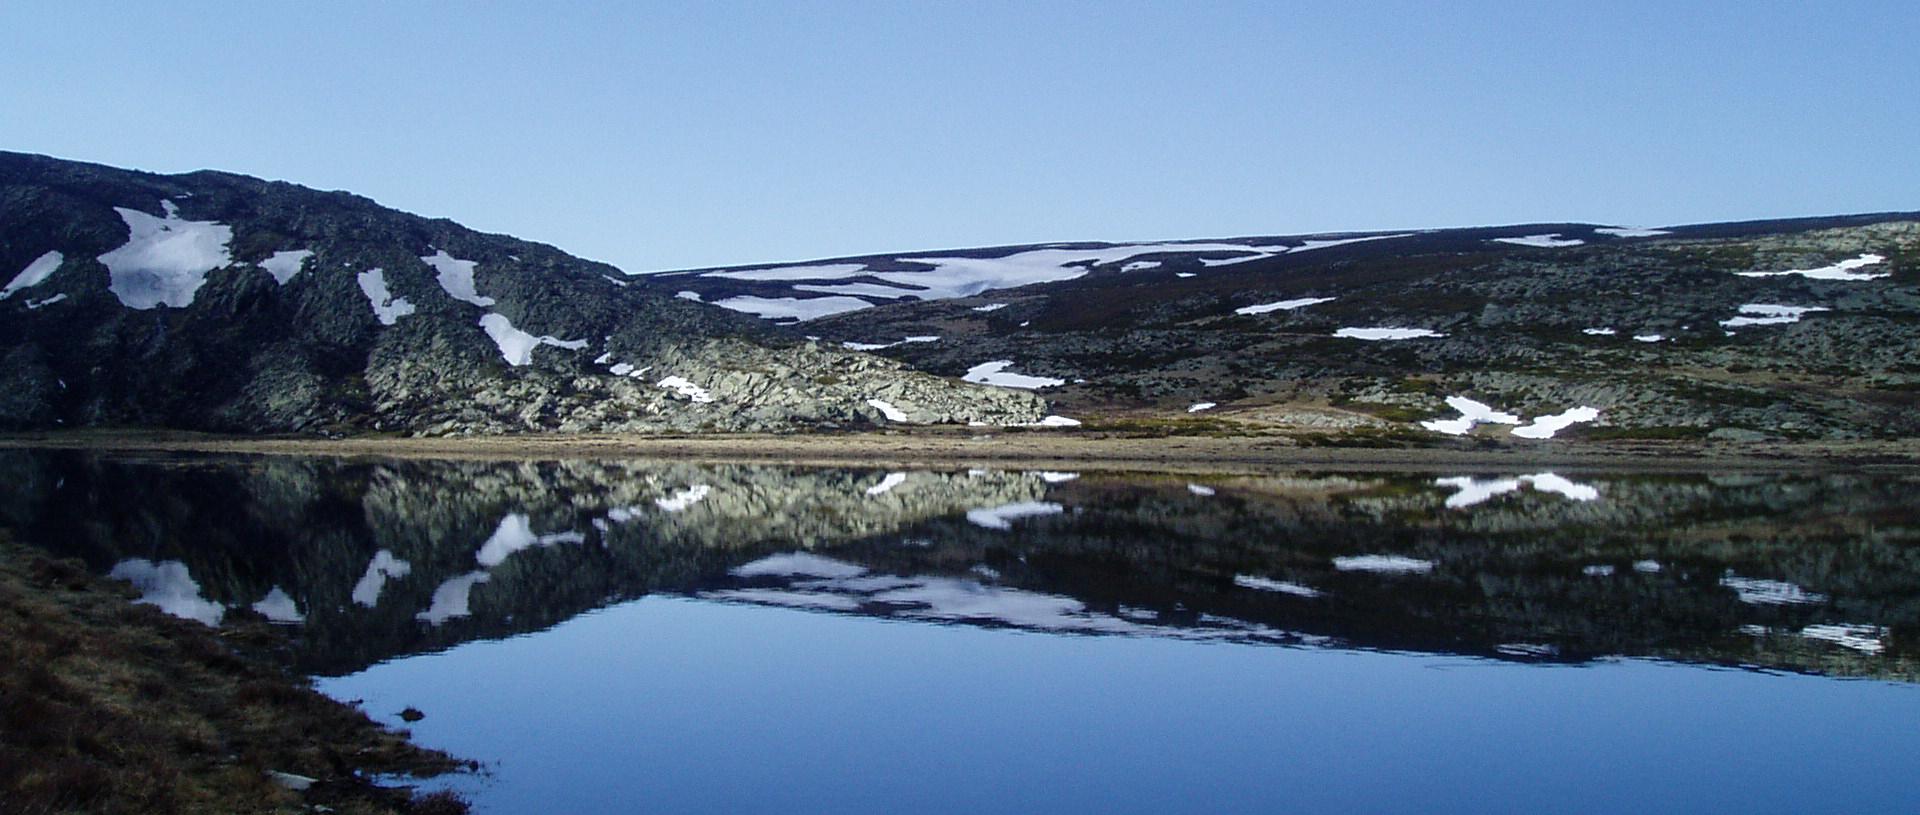 imagen lago nieve